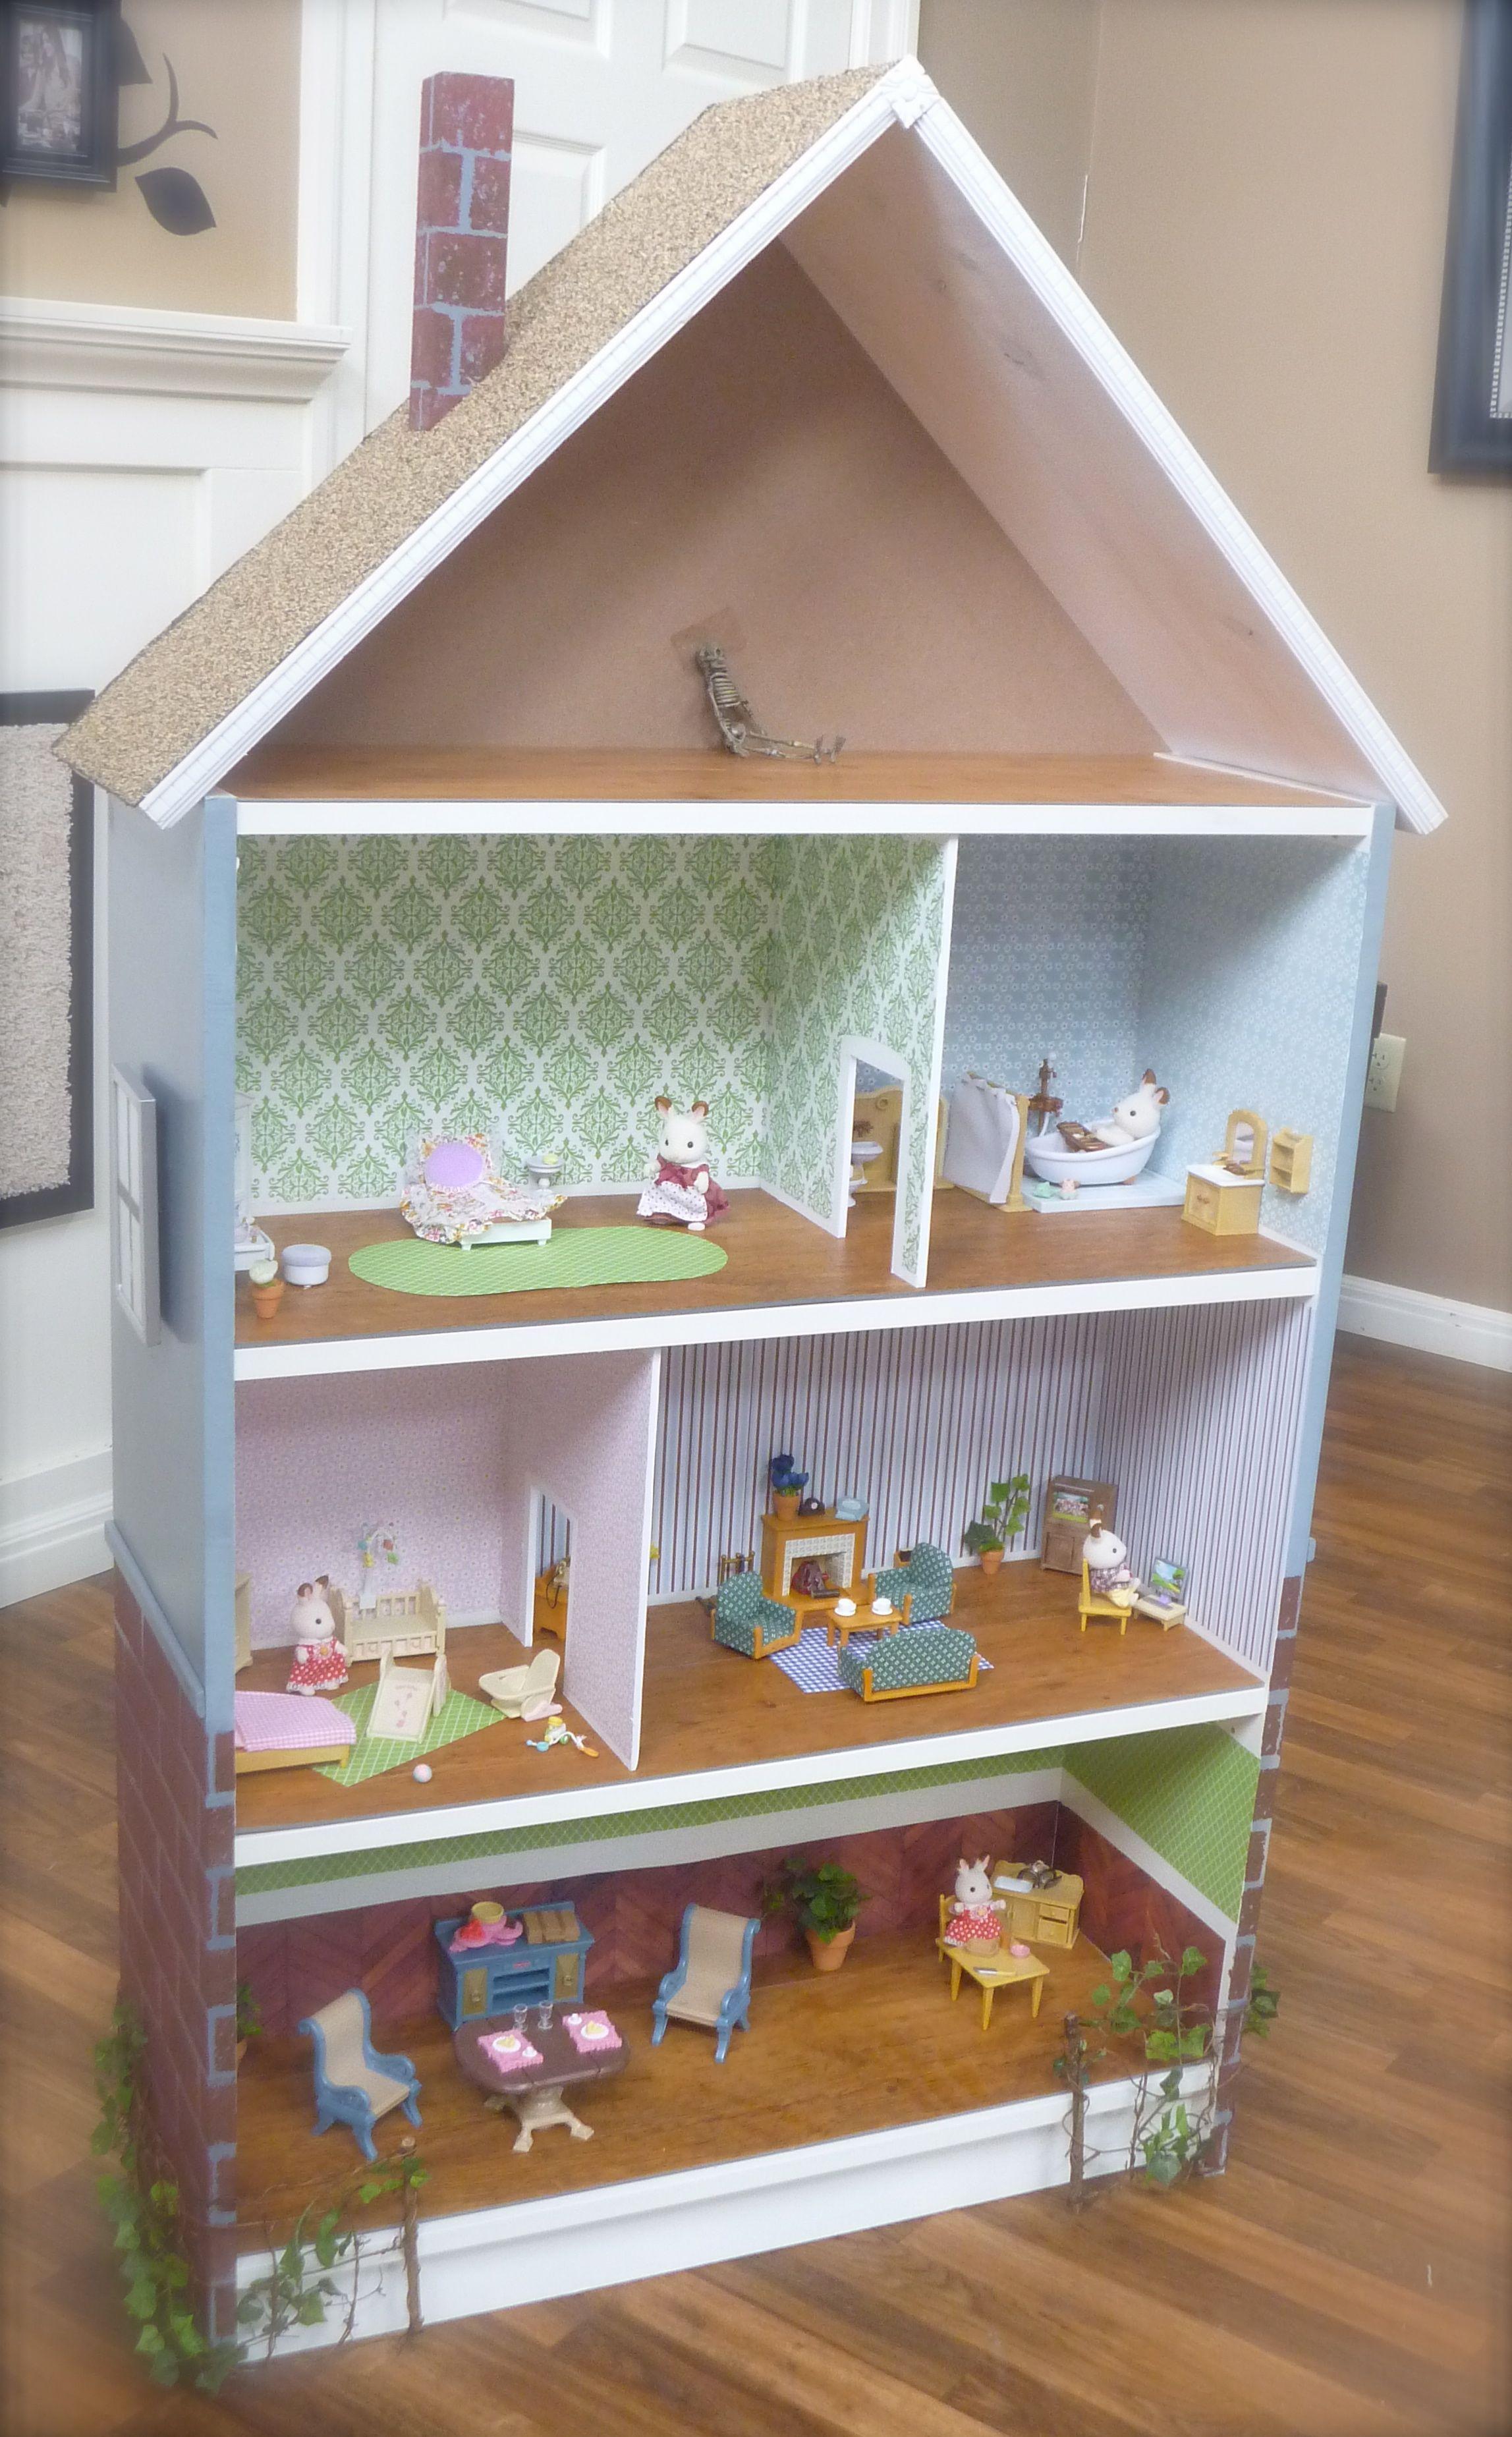 Dollhouse Bookcase Beach Cottage, Brick Row House — Cute